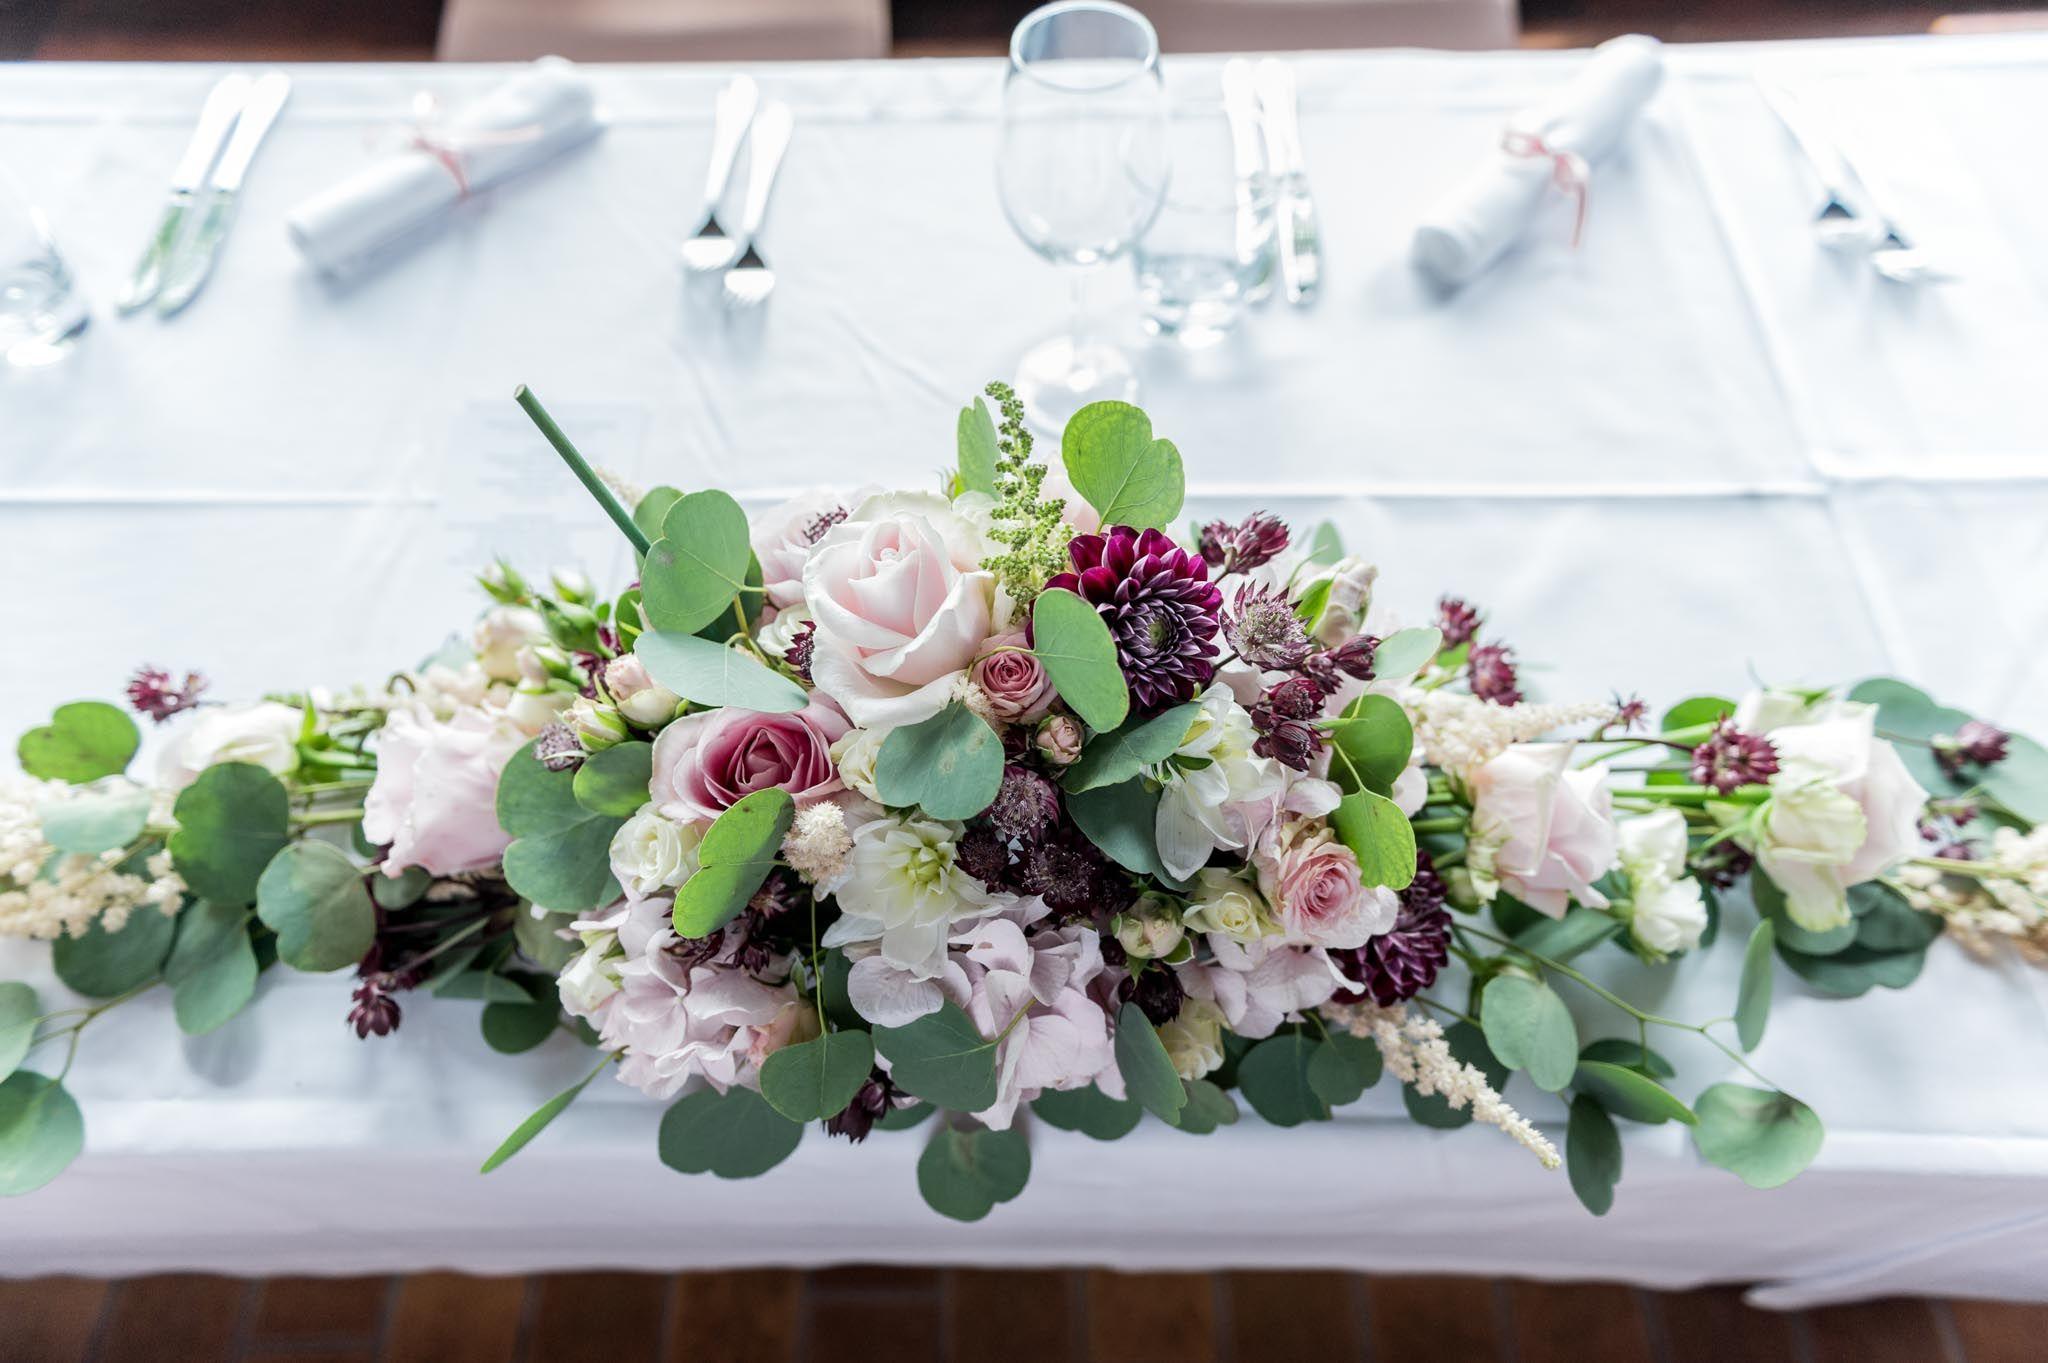 Blumengesteck Hochzeit Blumengestecke Hochzeit Tischgestecke Hochzeit Blumengestecke